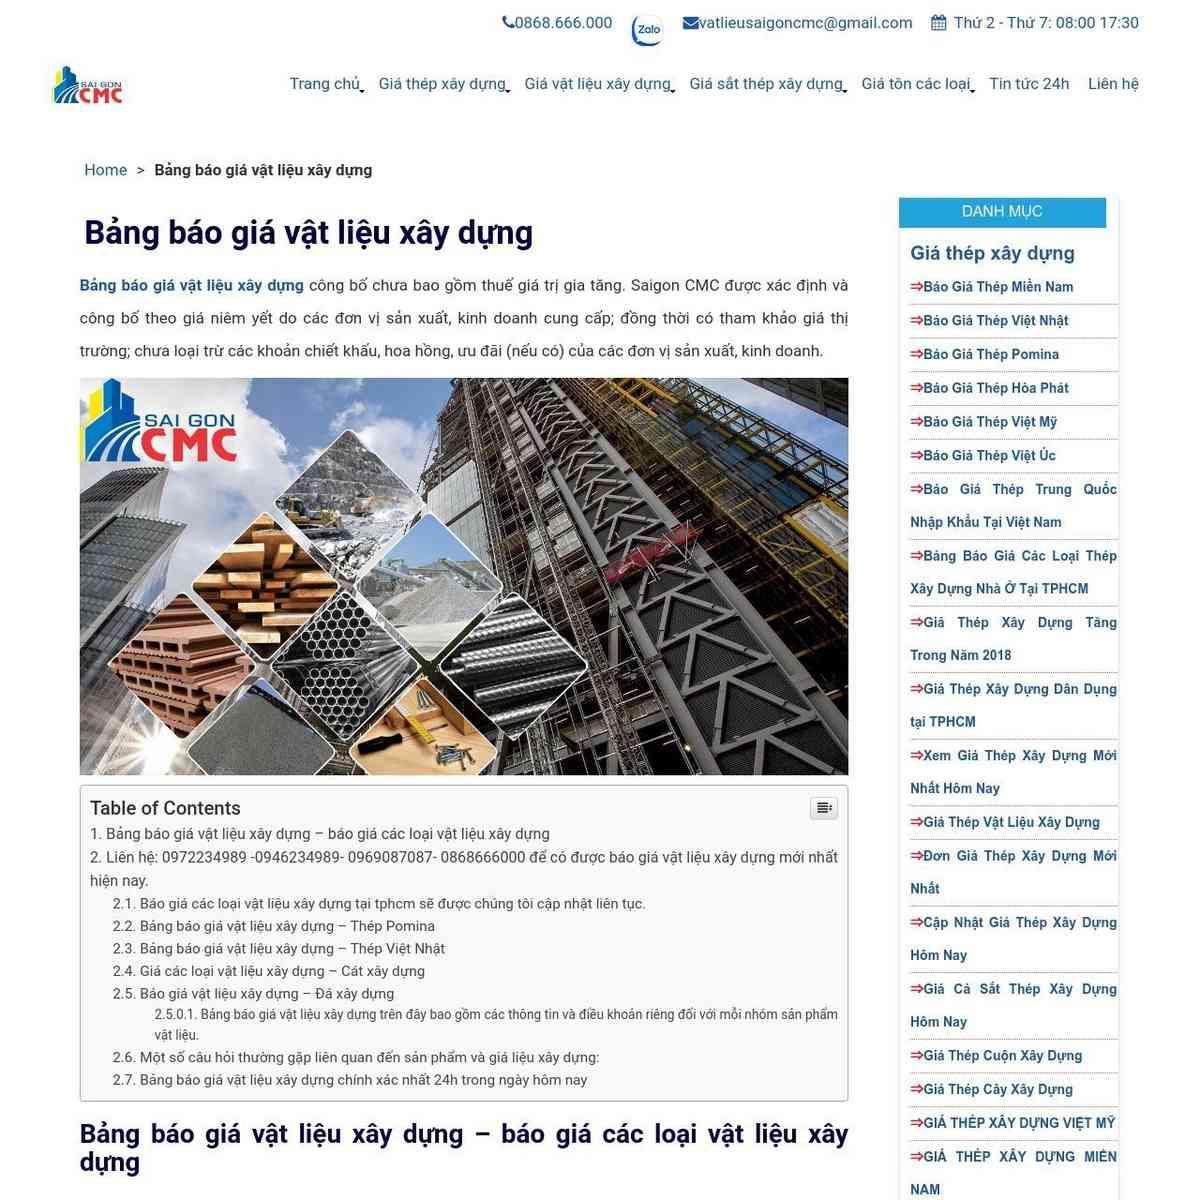 Báo giá vật liệu xây dựng